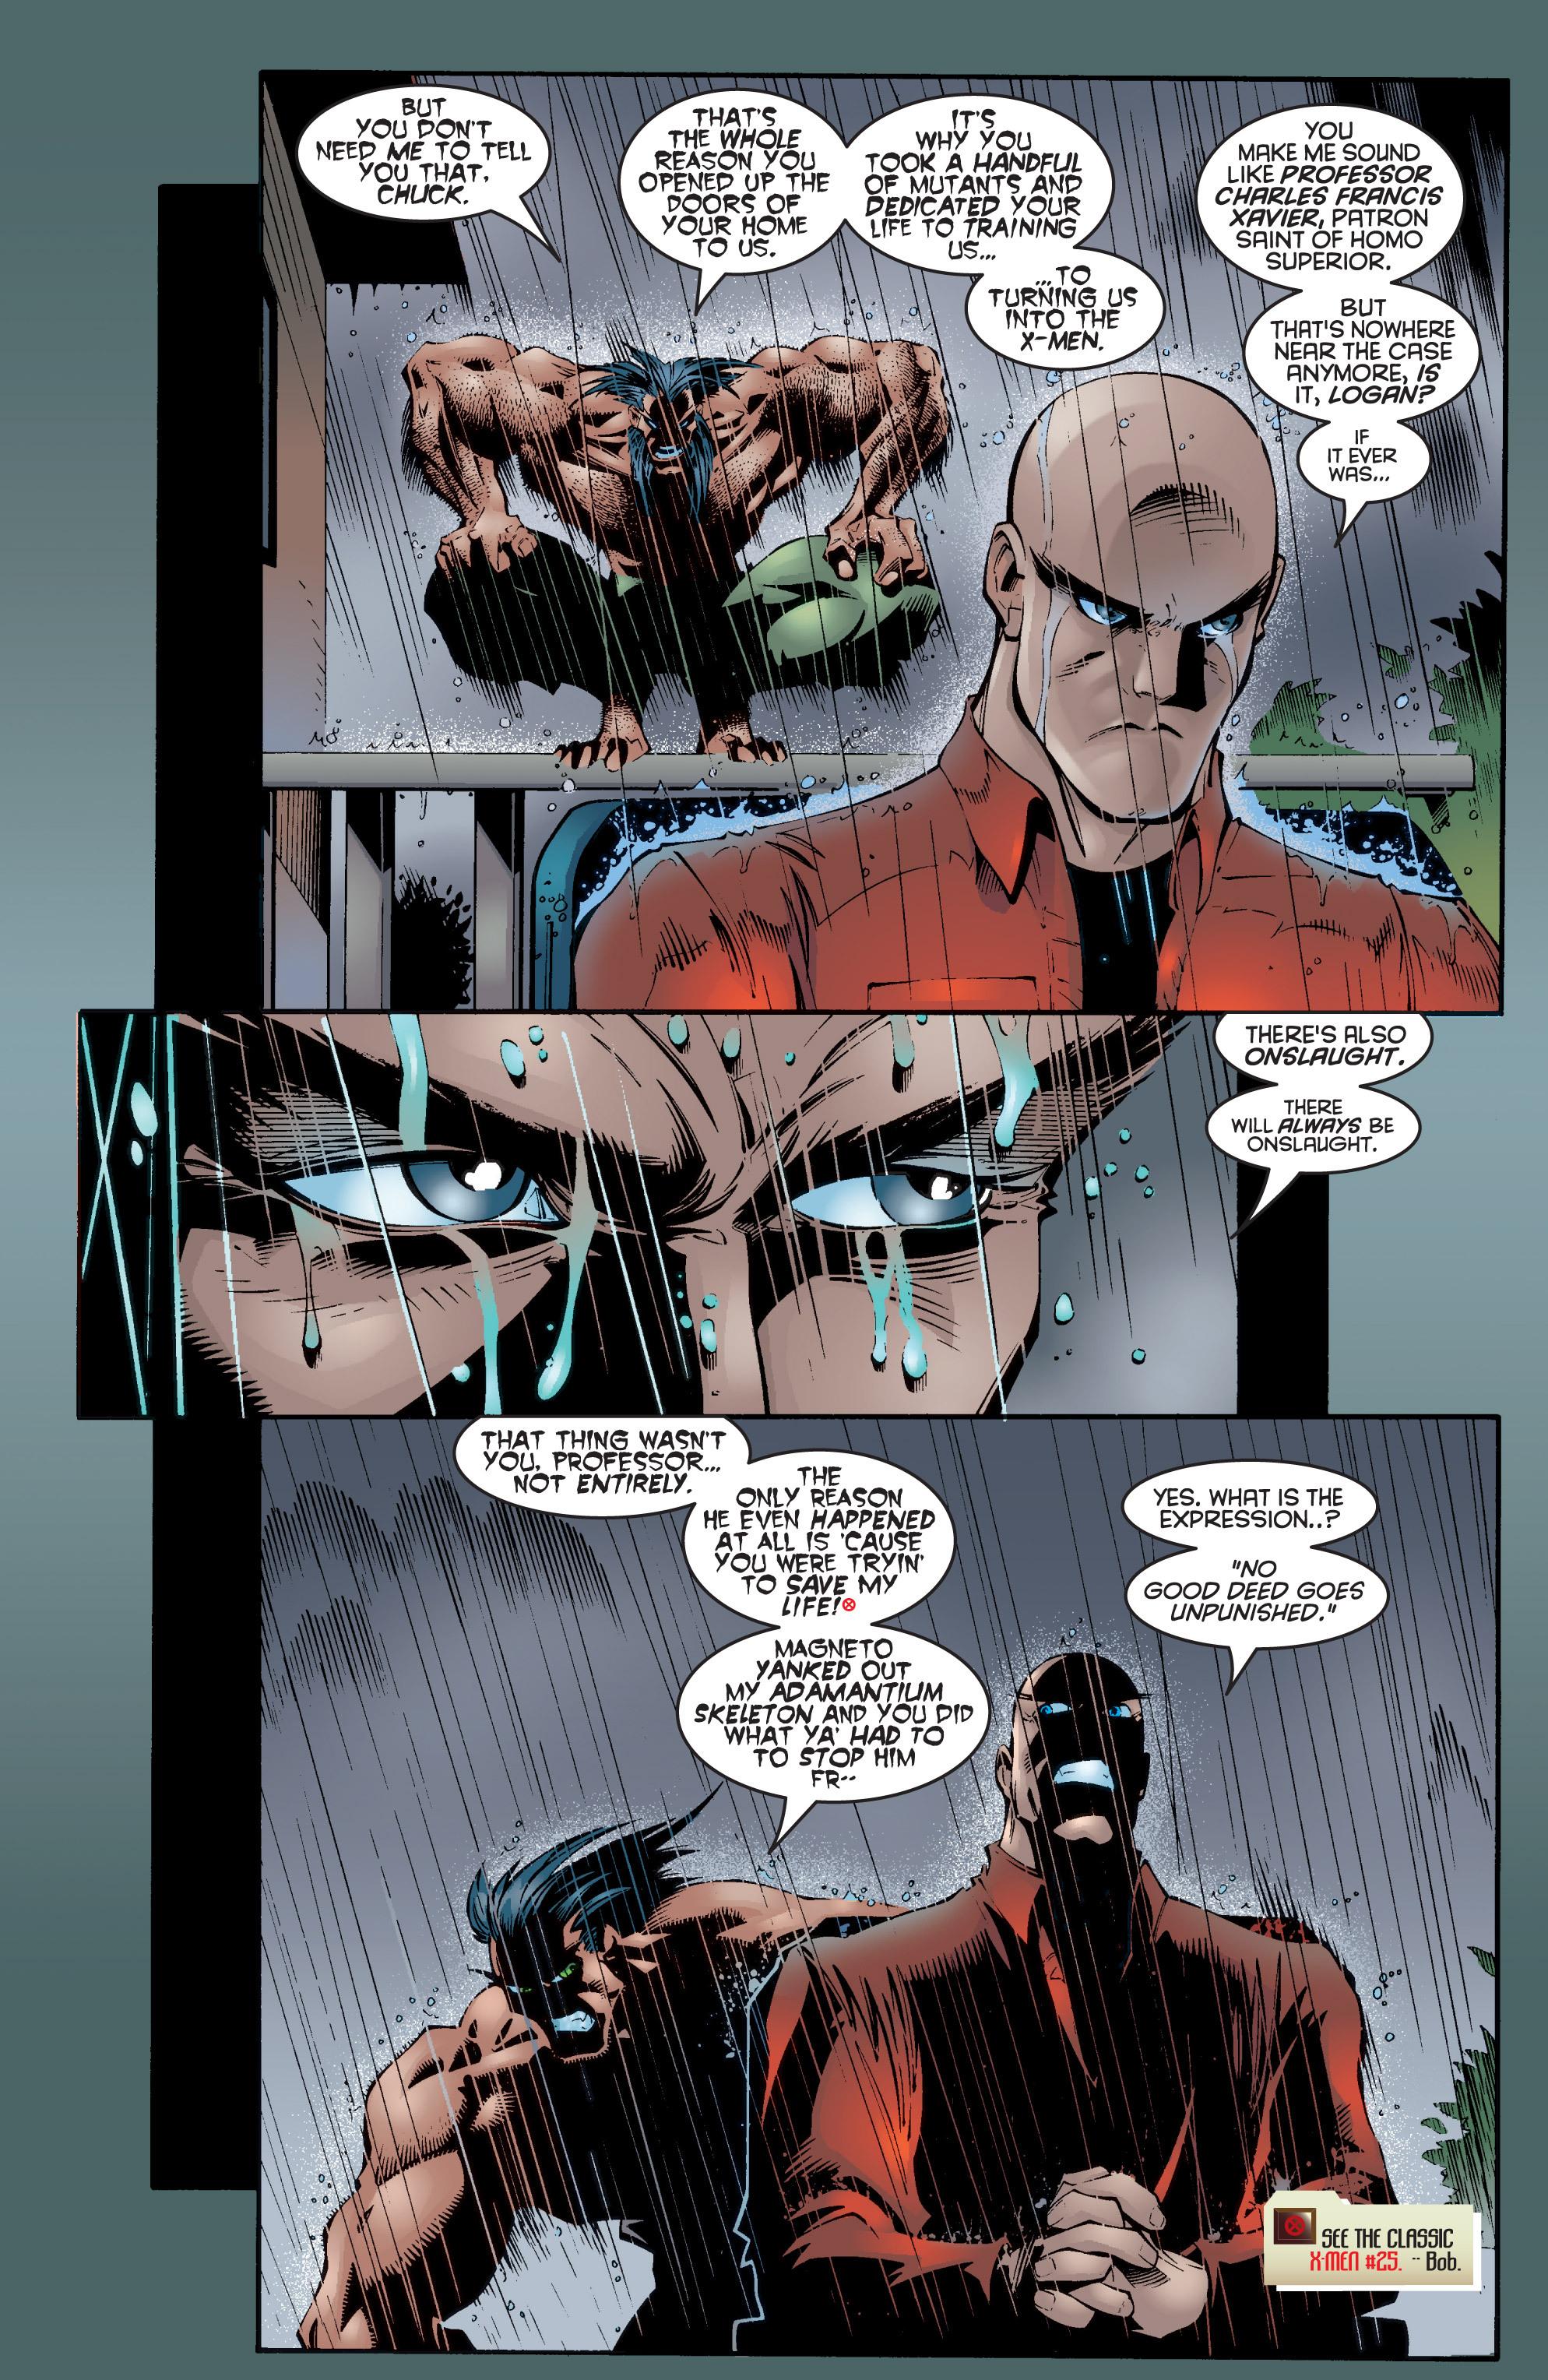 Read online Uncanny X-Men (1963) comic -  Issue #337 - 3